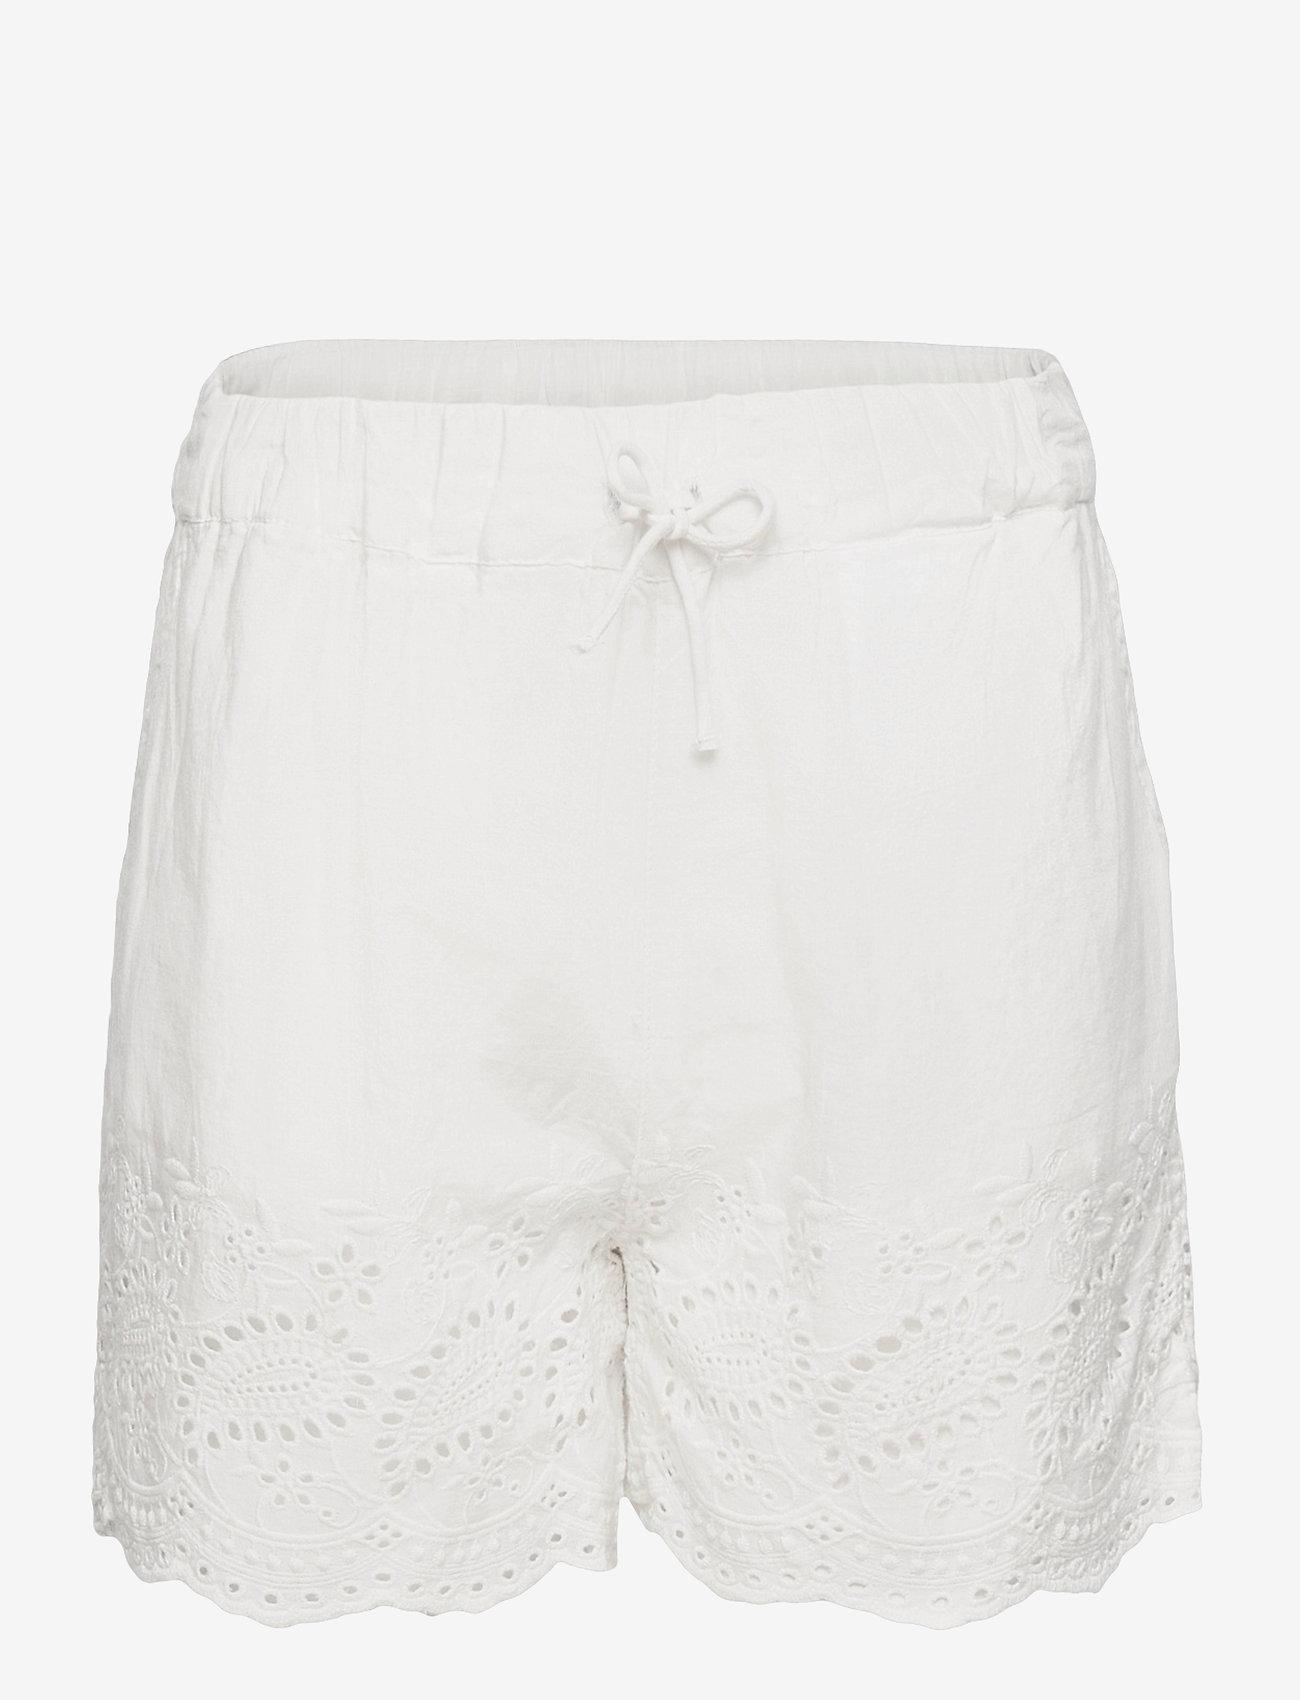 Kids Only - KONKAREN SHORTS WVN - shorts - cloud dancer - 0